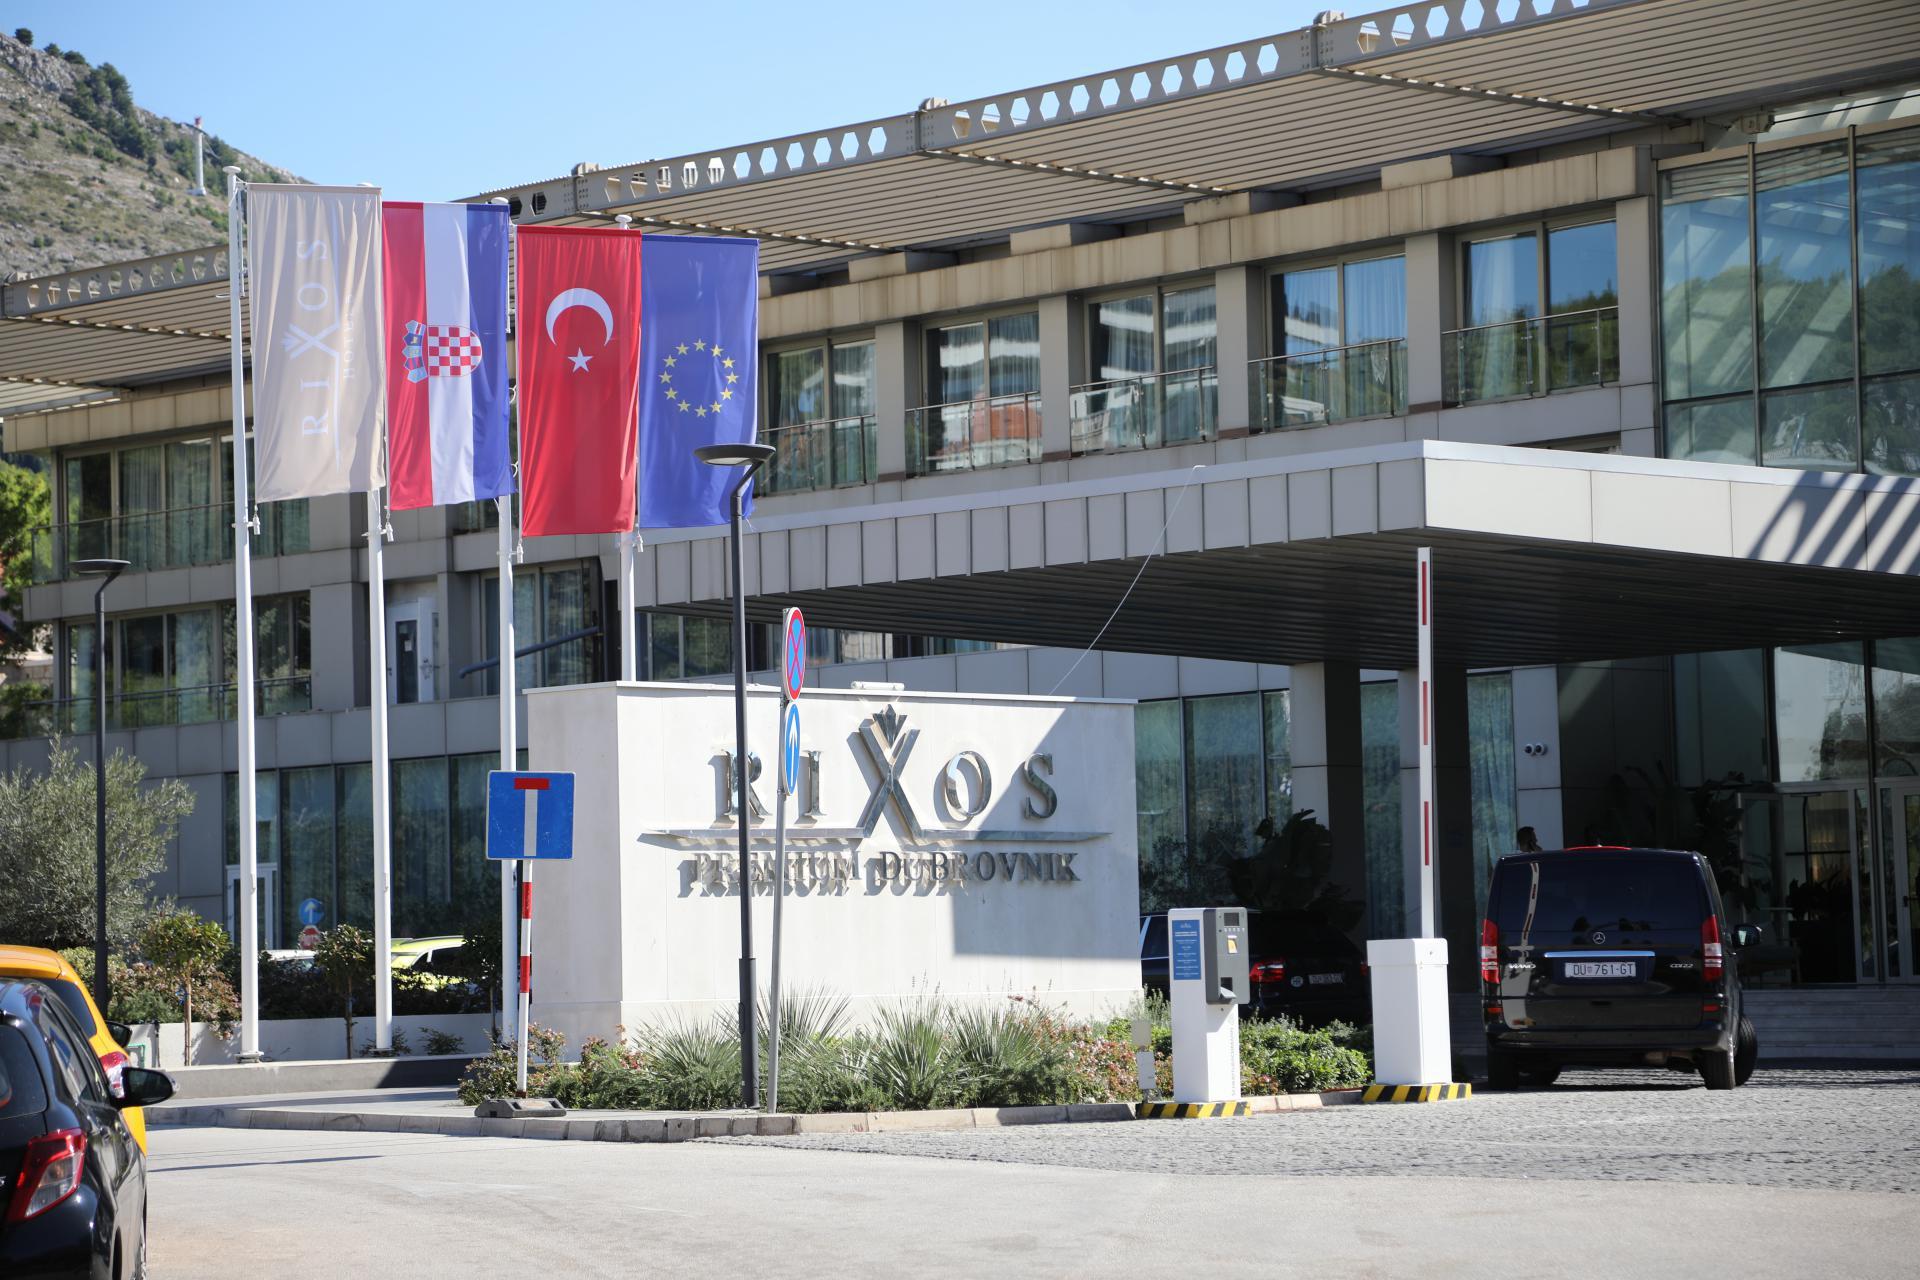 Turska zastava usred Grada: dubrovačkim gradskim vijećnicima zasmetao barjak, no vlasnik hotela 'Rixos' ima dozvolu za njegovo isticanje